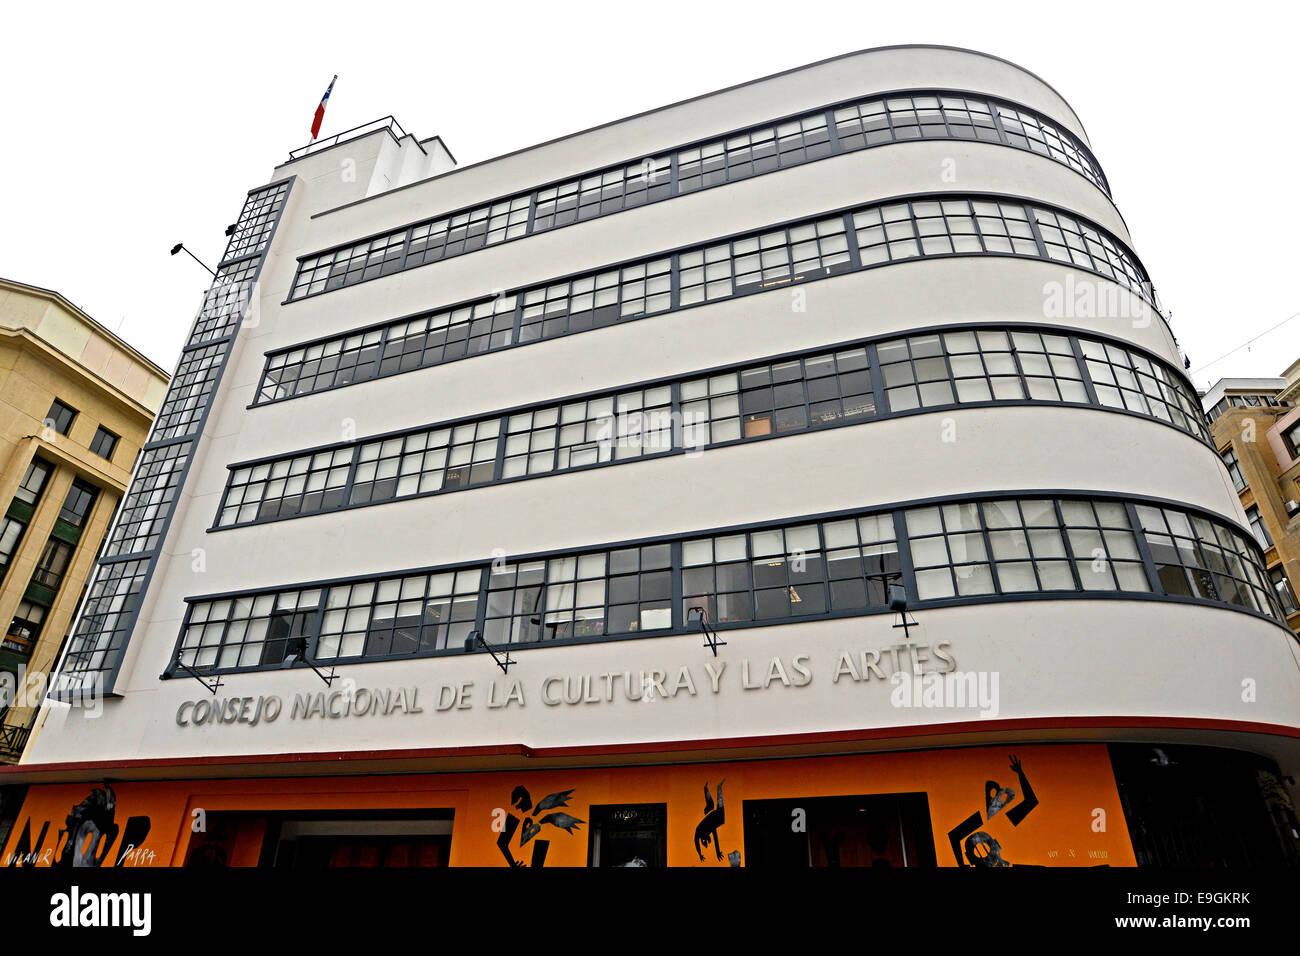 Consejo Nacional de la cultura y las Artes Valparaiso Cile Immagini Stock